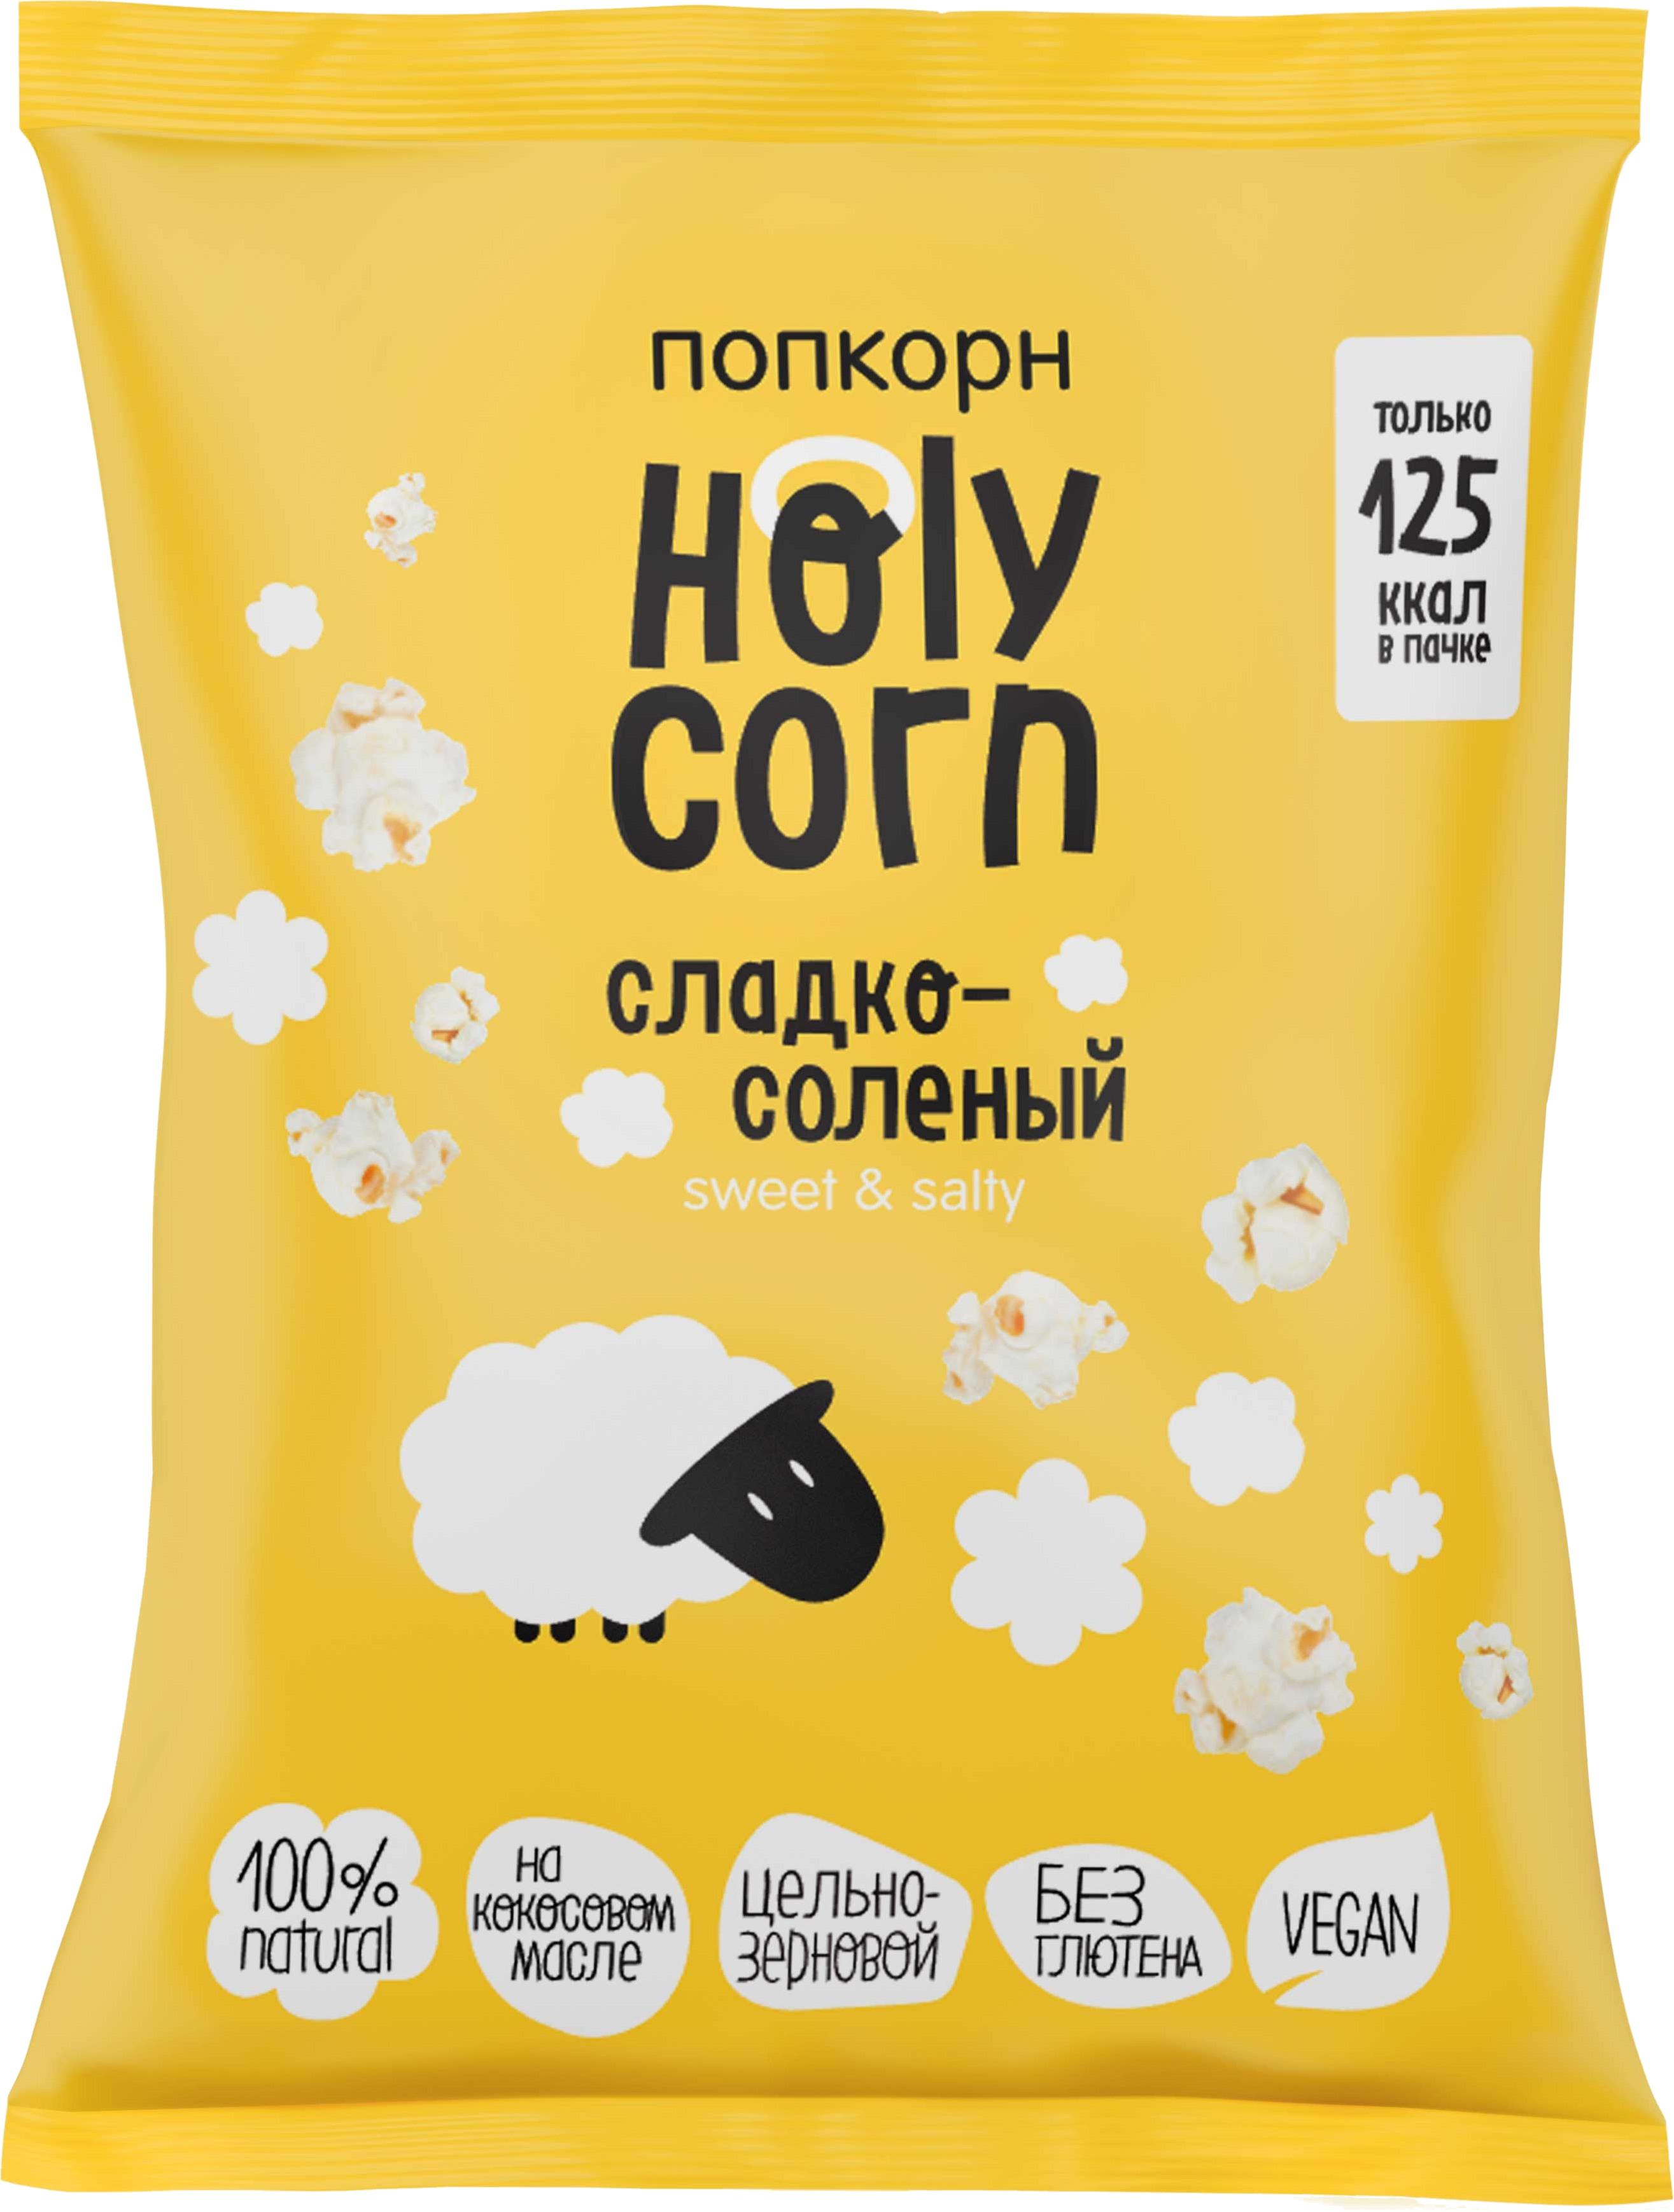 Попкорн Holy Corn «Сладко-соленый» 30 г